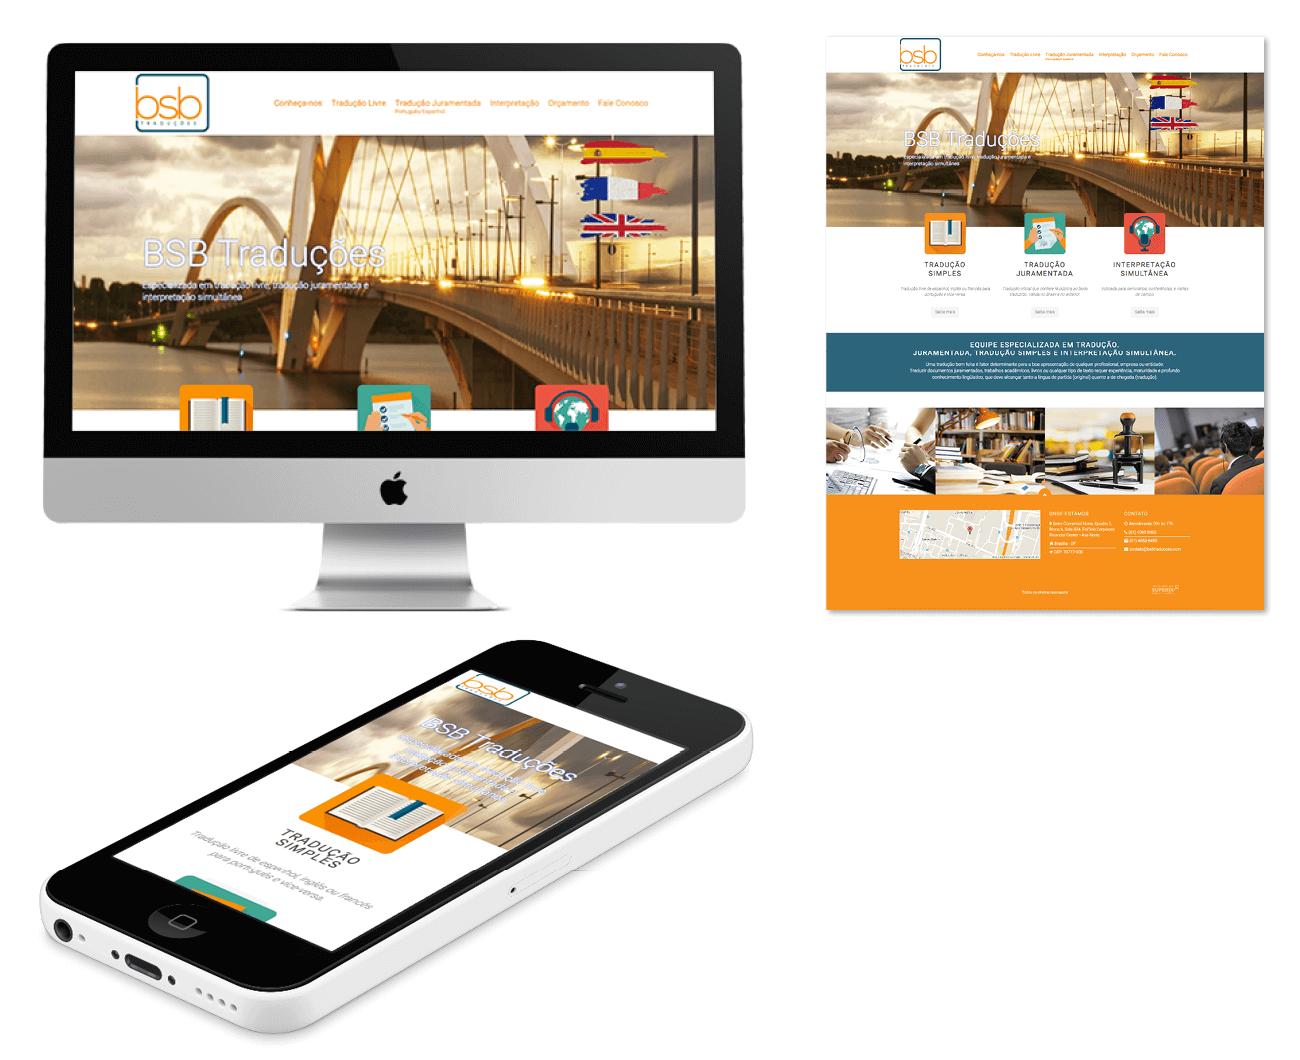 layout responsivo do site bsb empresa de traduções